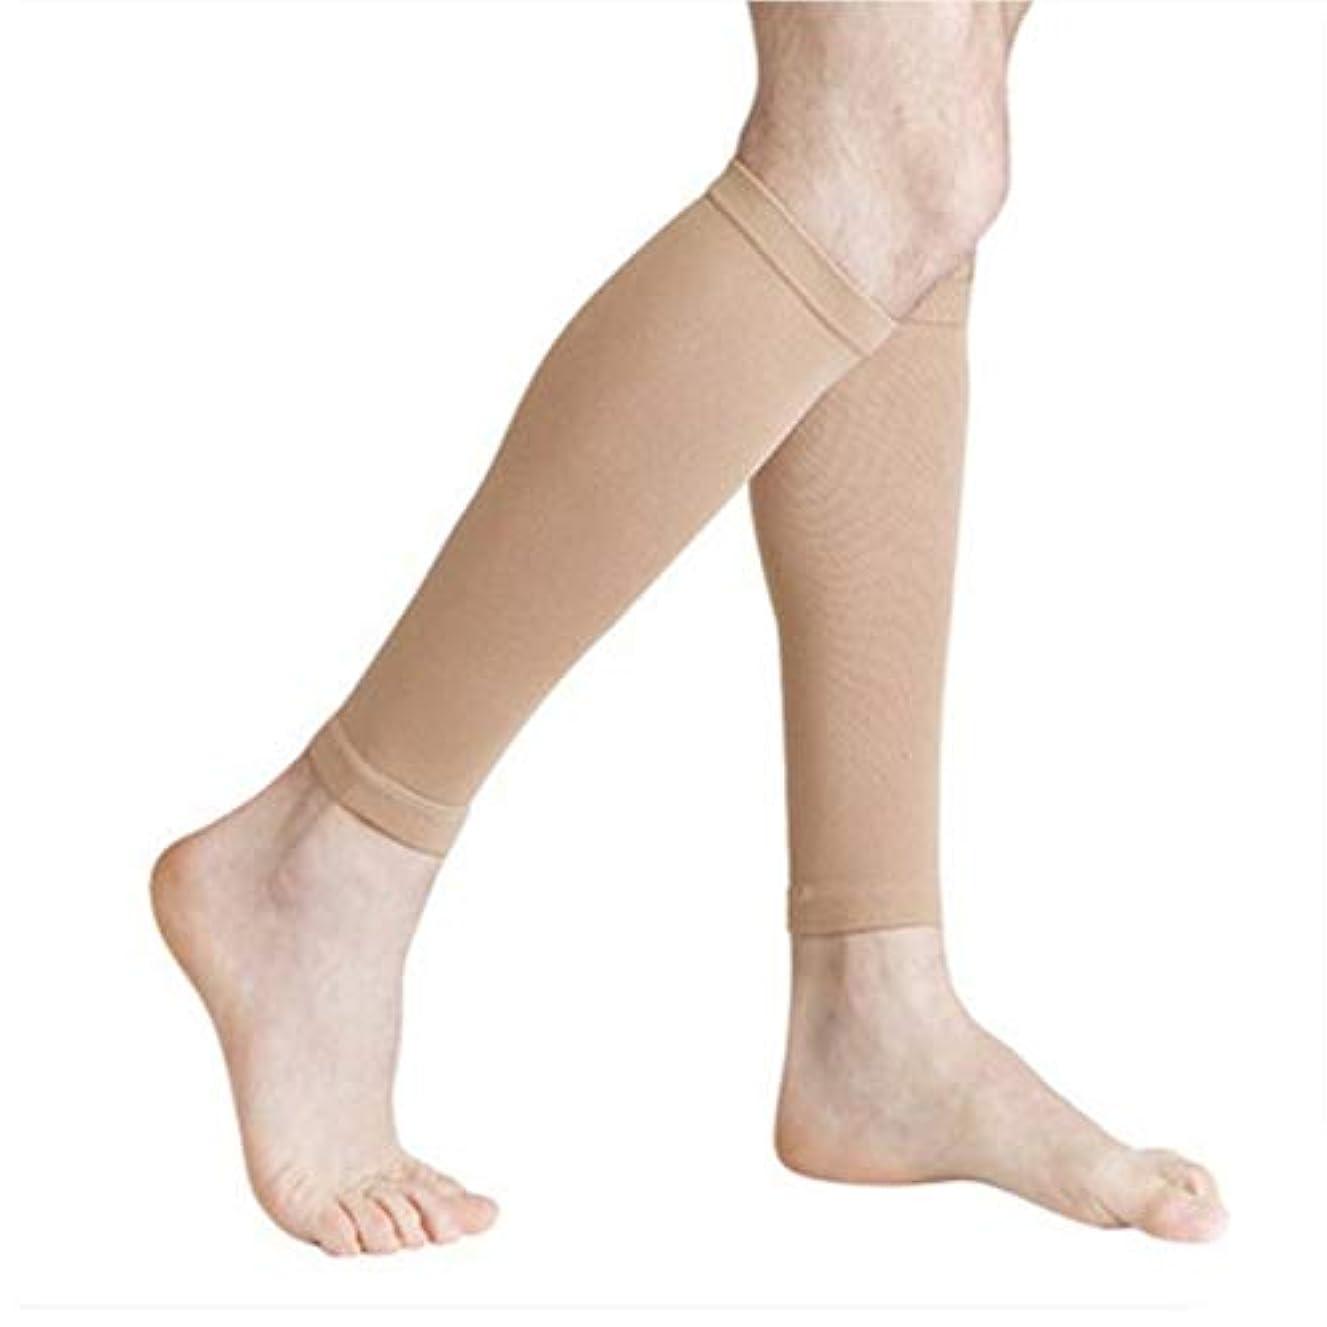 ブルーベル実験をするキャンセルふくらはぎコンプレッションスリーブ脚コンプレッションソックスシンスプリントふくらはぎの痛みを軽減メンズランニング用サイクリング女性用スリーブ-スキン